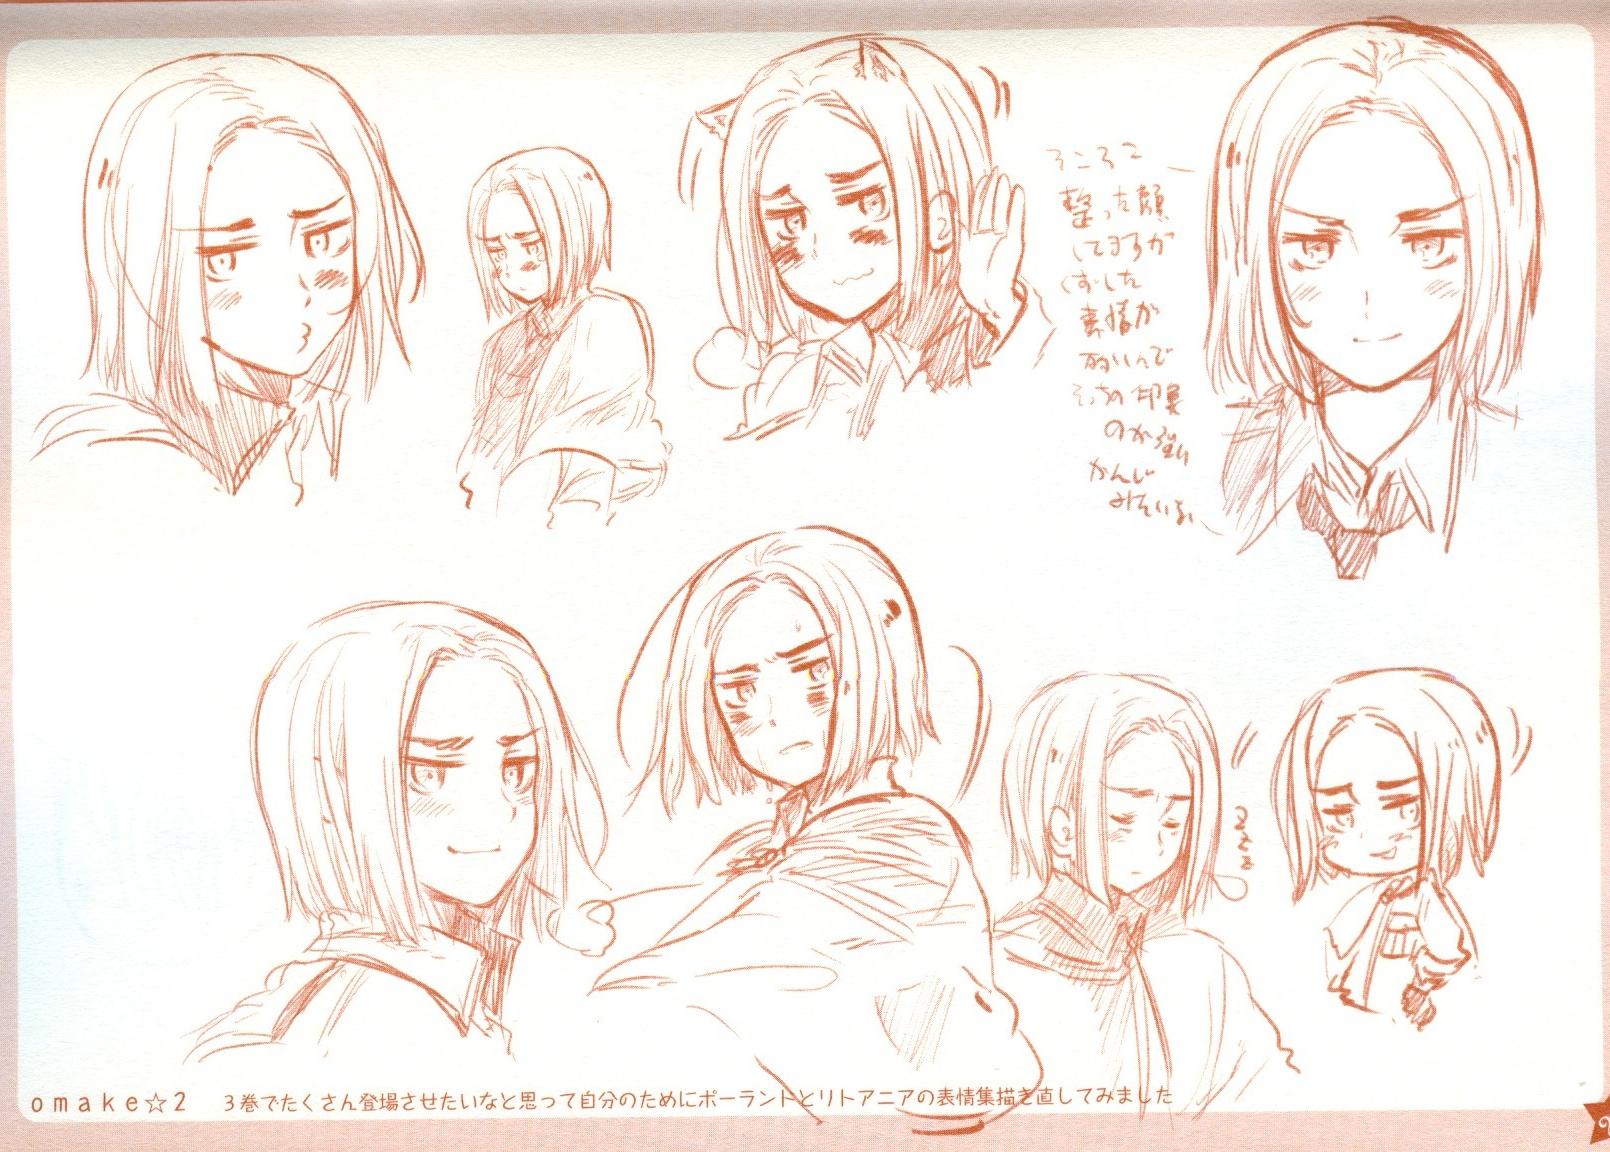 Poland Sketches por Hima-papa